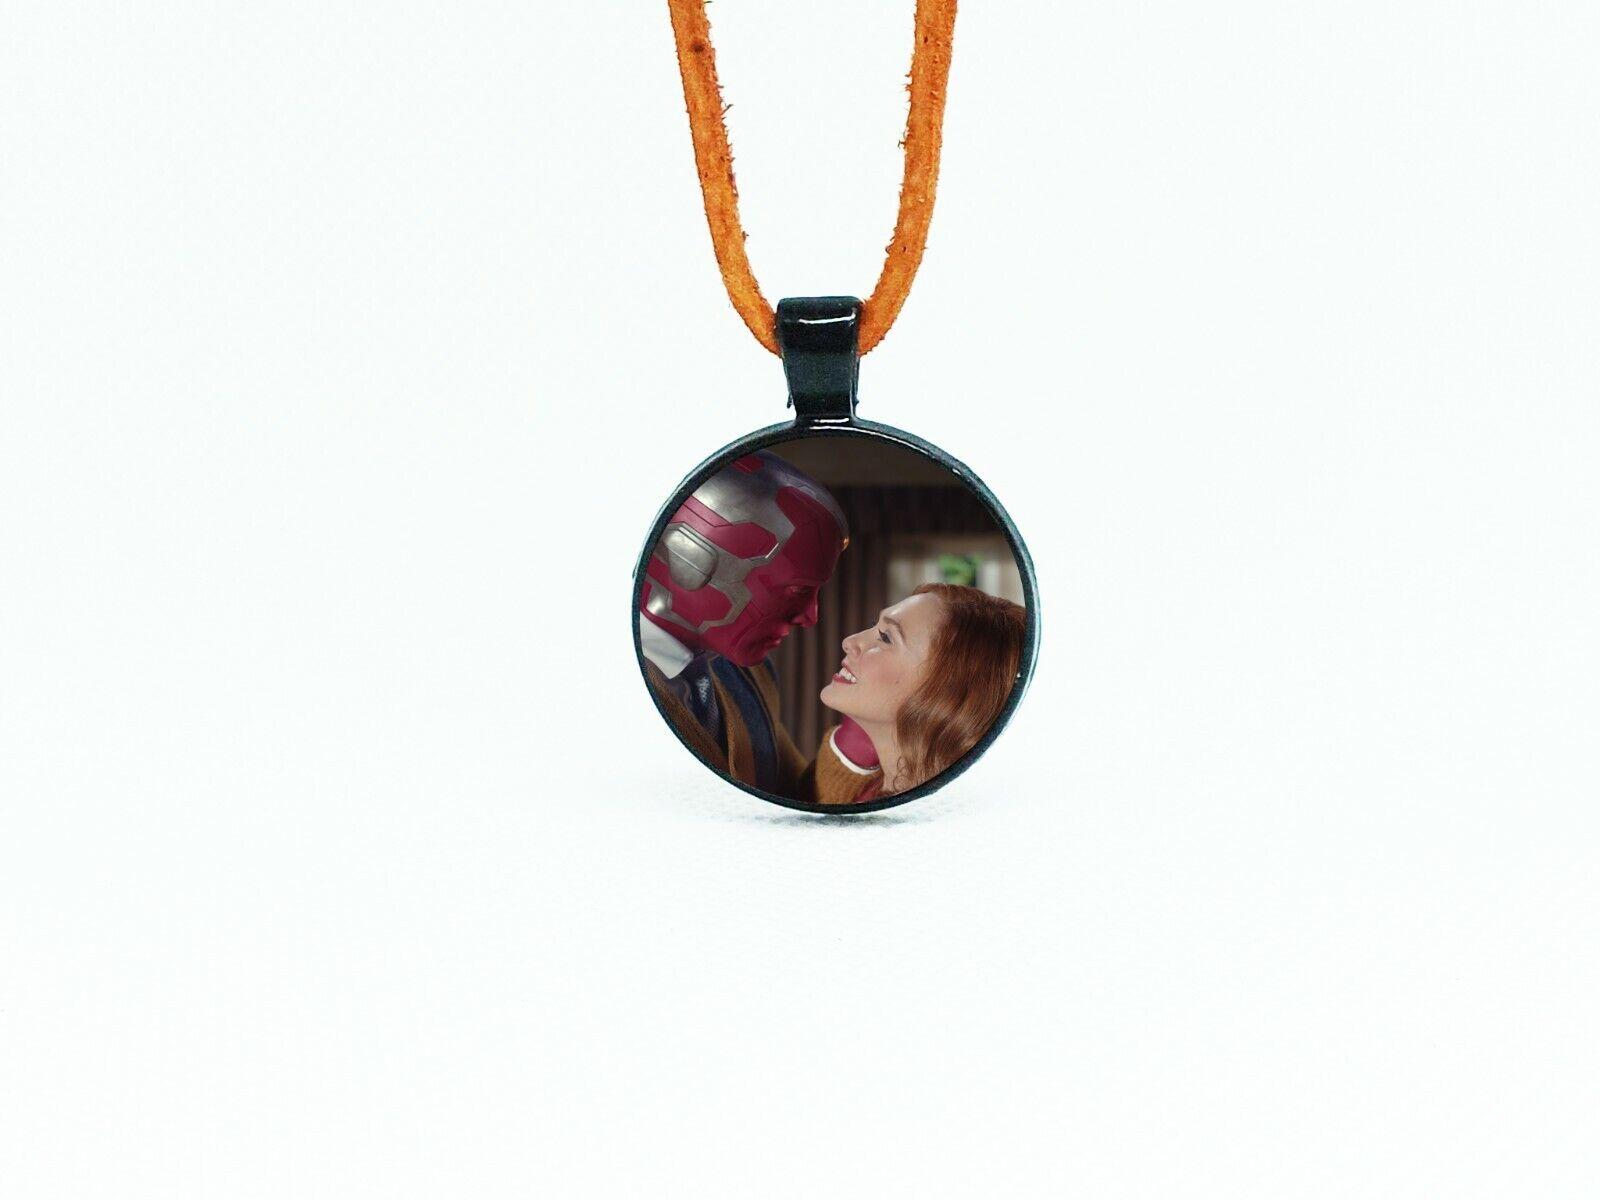 WandaVision Necklace'Leather necklace